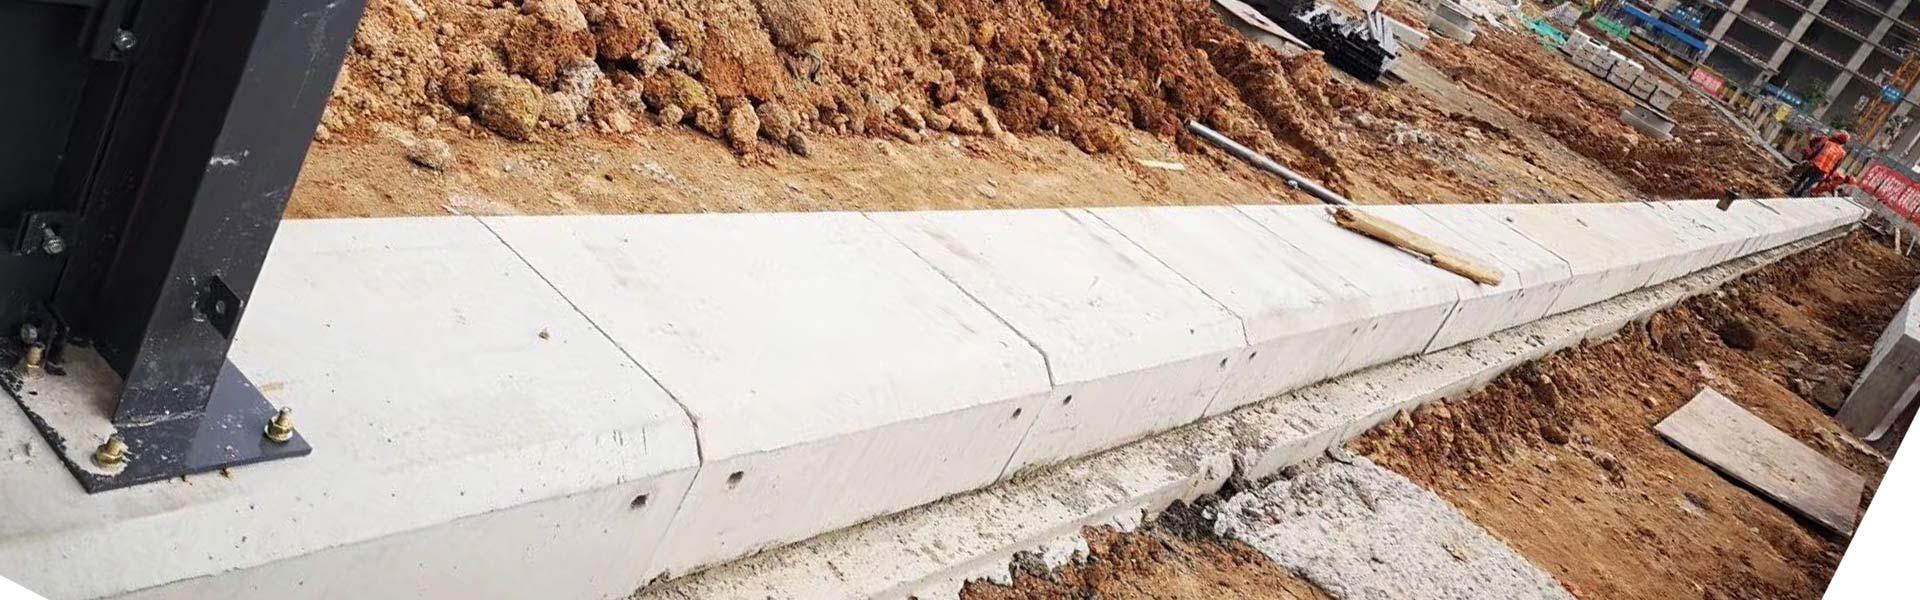 深圳简易工地施工围挡厂家,围挡安装水泥墩,围挡安装基础,围挡水泥块